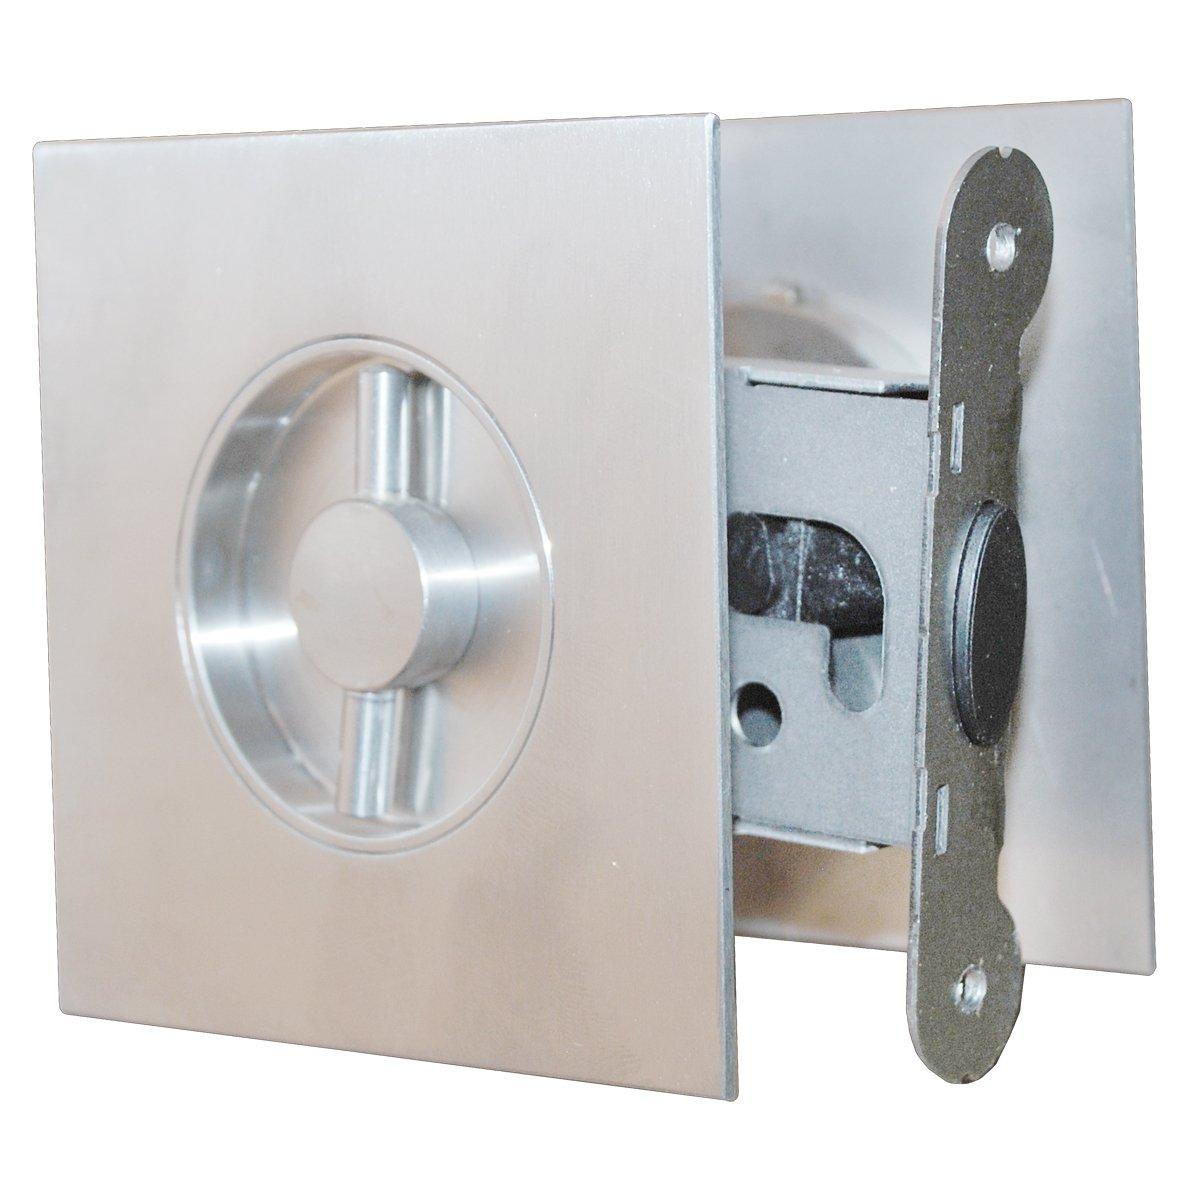 pocket door knobs photo - 5